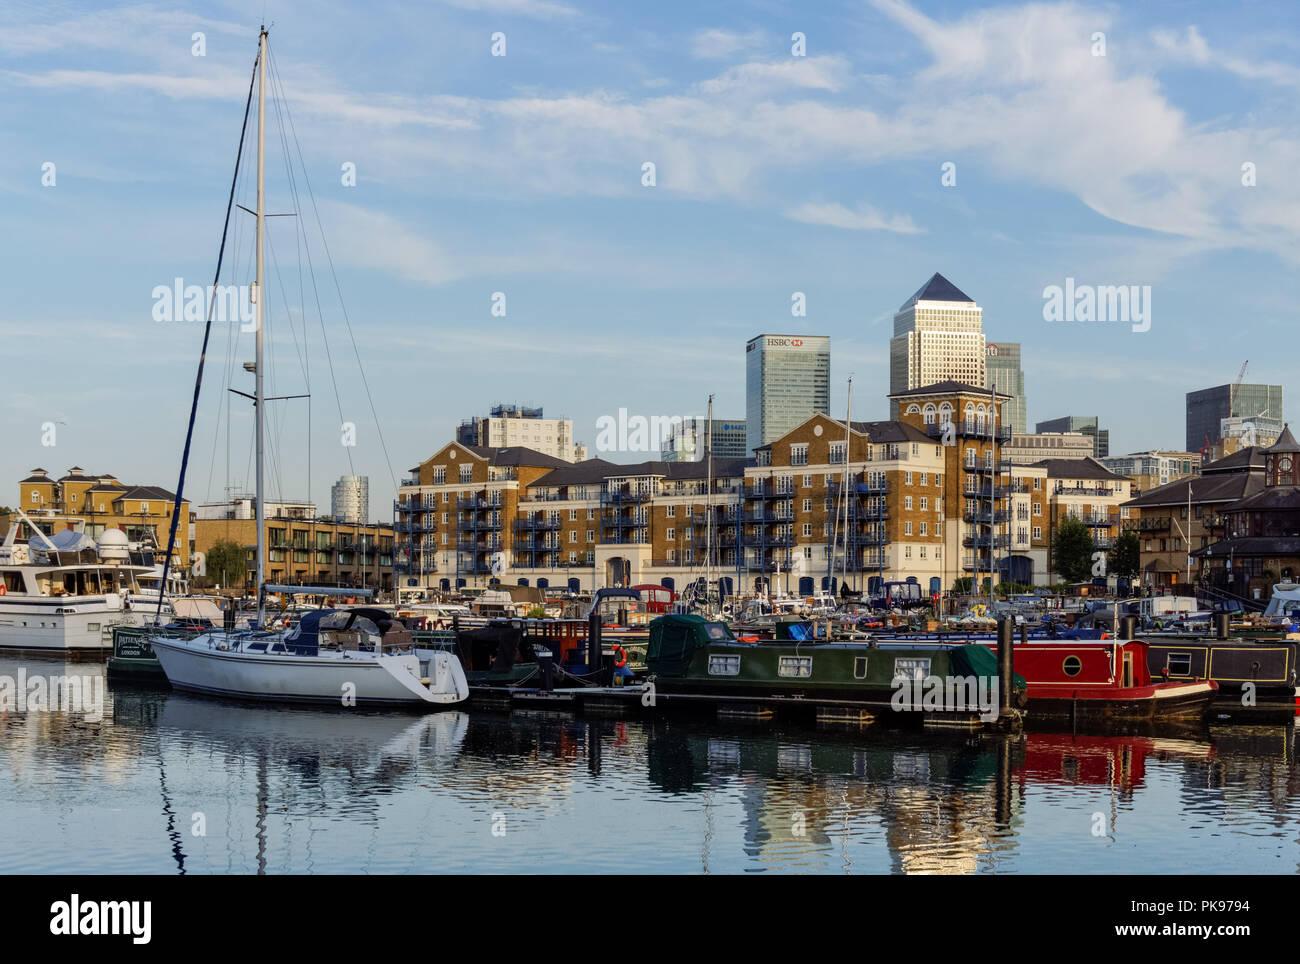 The Limehouse Basin in London, England United Kingdom UK Stock Photo